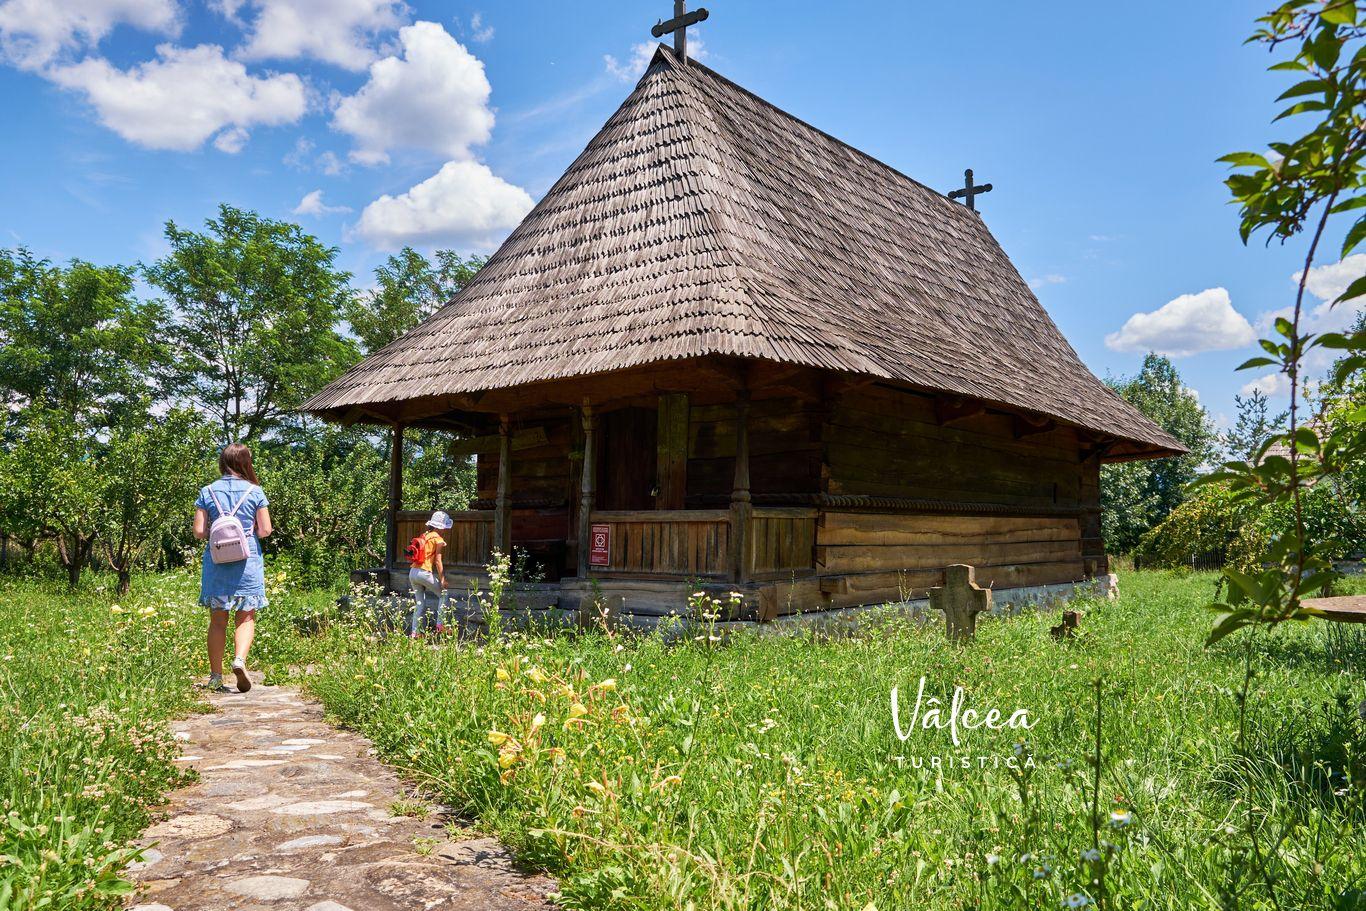 muzeul-satului-bujoreni-valcea-04